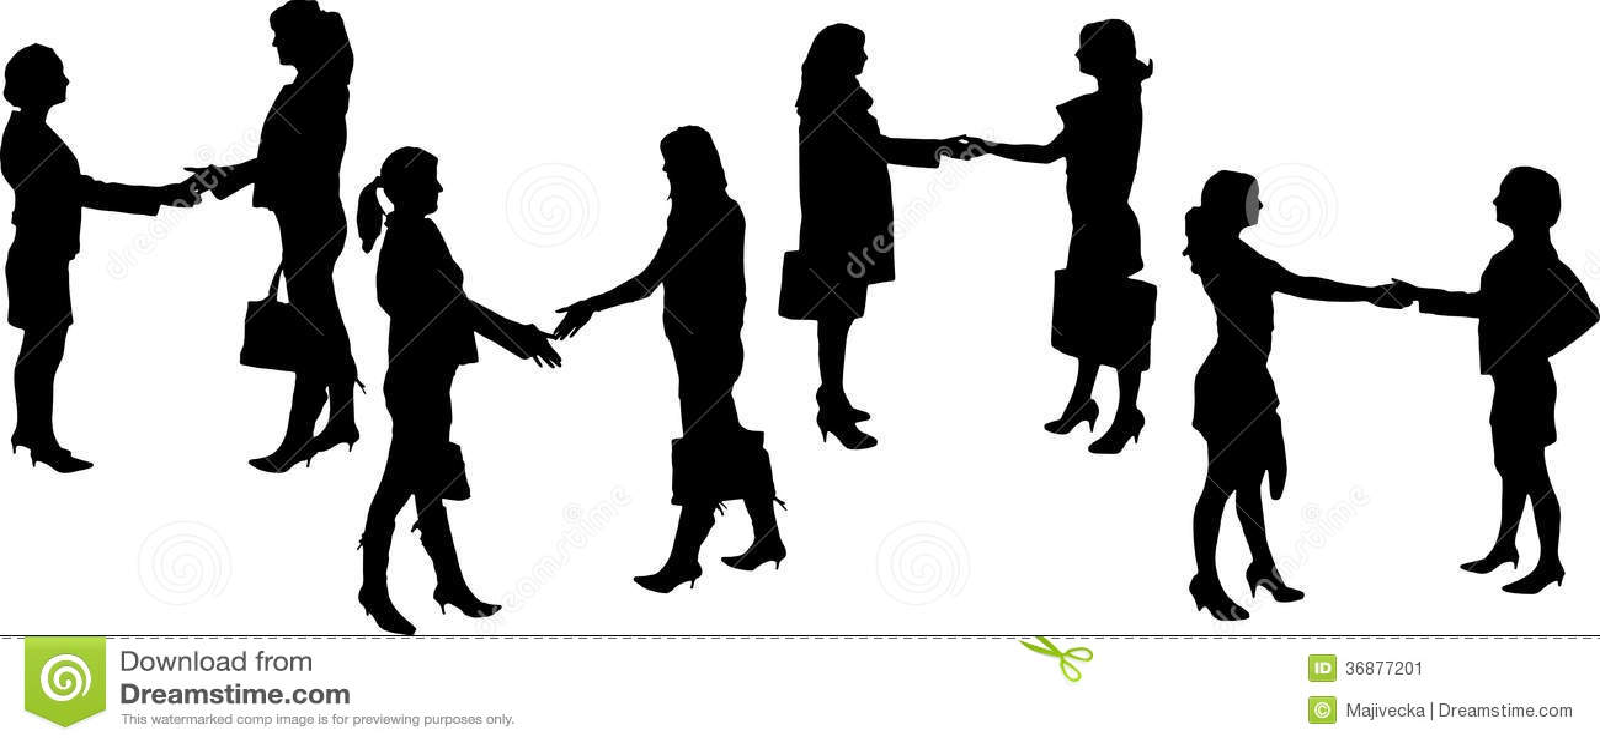 Download Siluette Di Vettore Delle Persone Di Affari Illustrazione Vettoriale - Illustrazione di concorrenza, associazione: 36877201